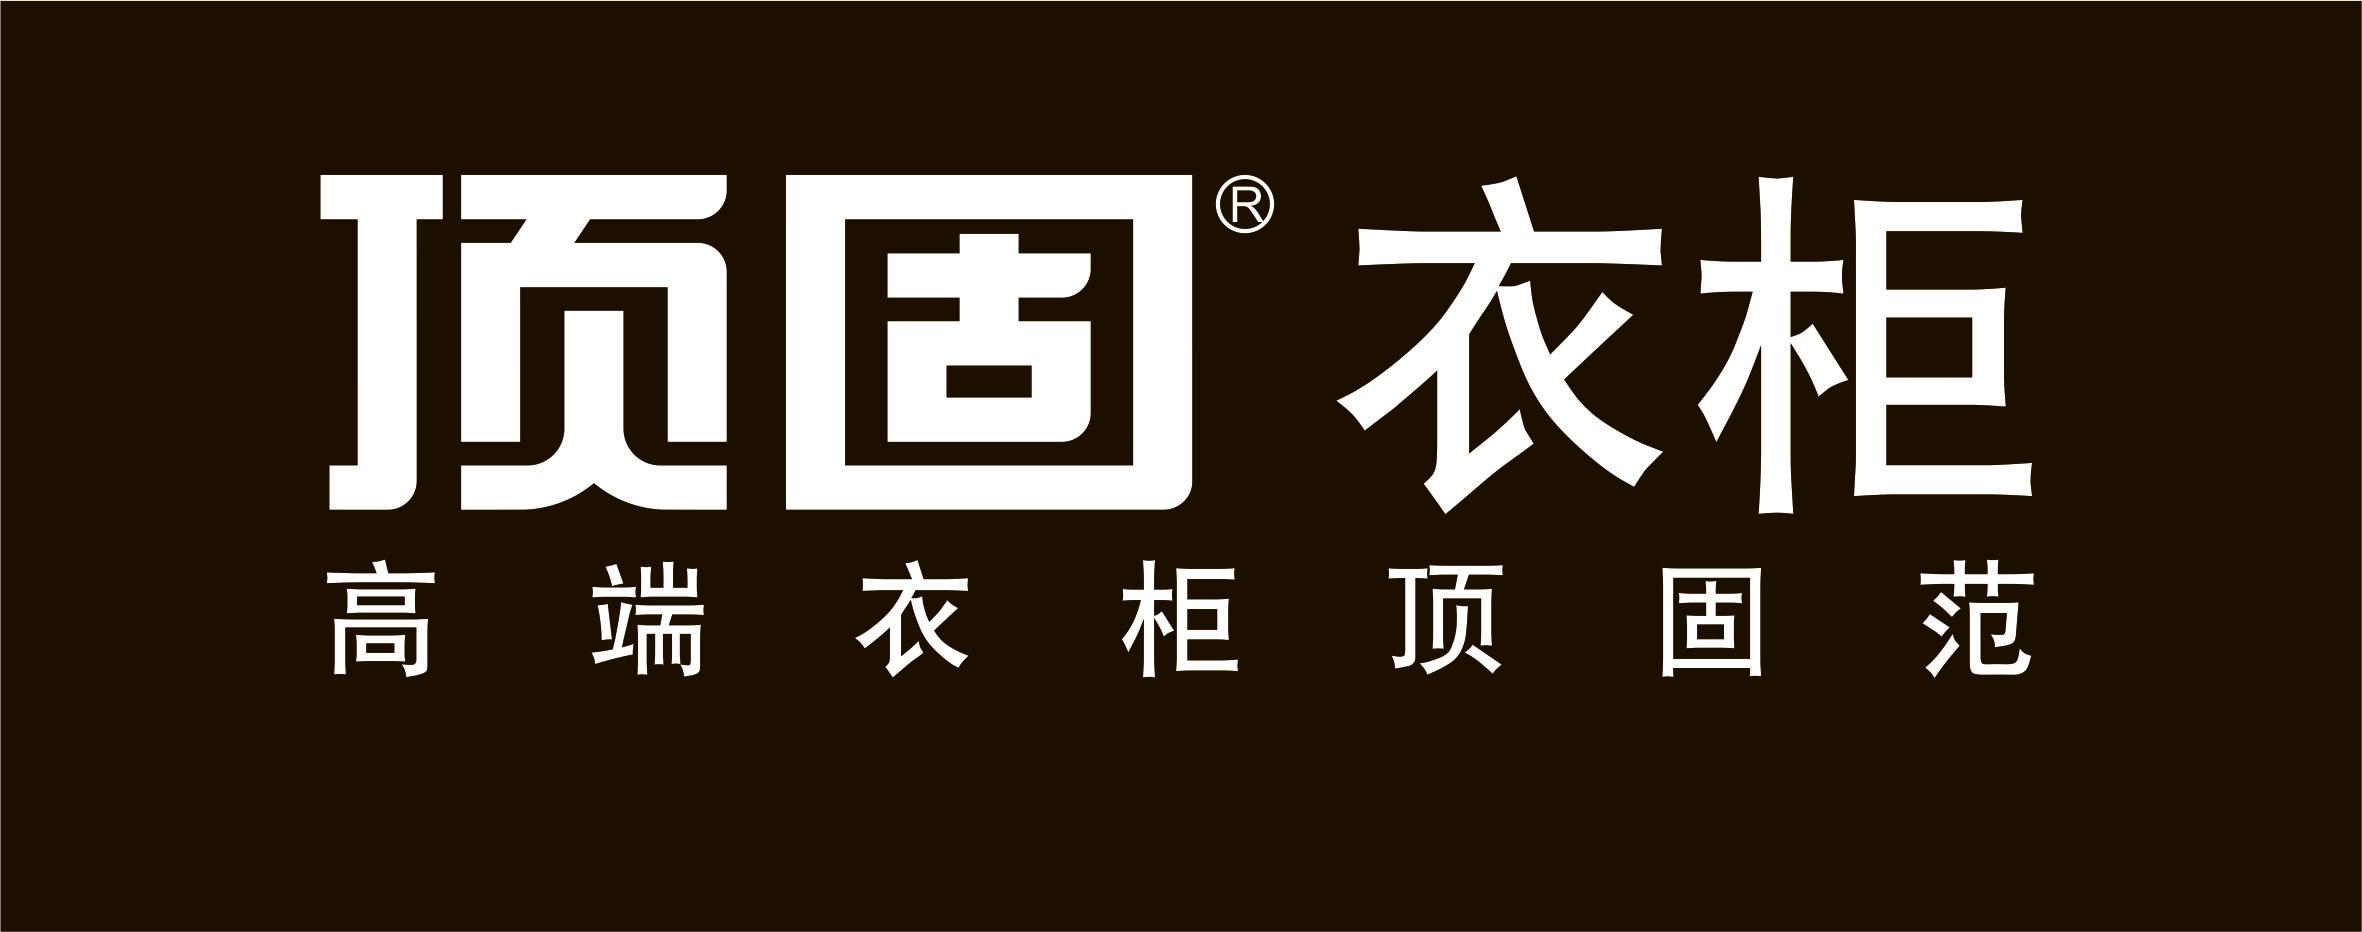 北京迦冠顶固家居用品有限公司